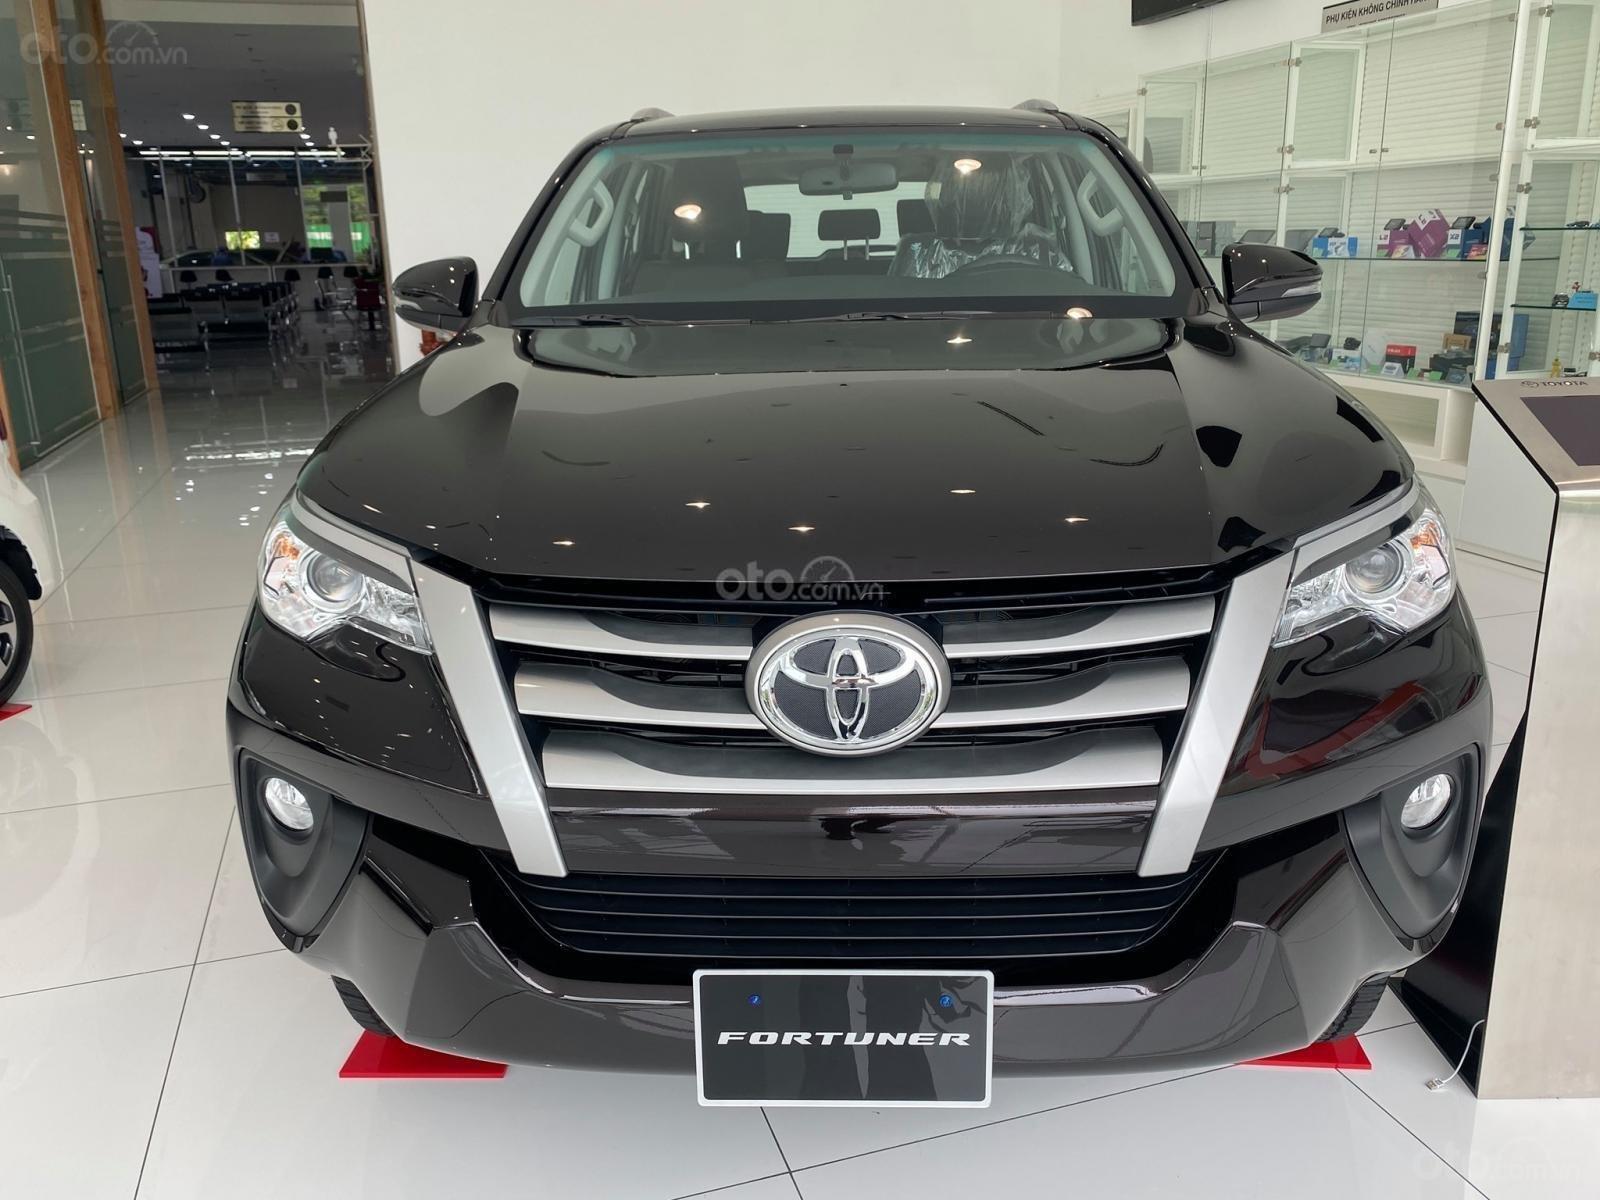 Bán xe Toyota Fortuner năm sản xuất 2019, màu đen (1)